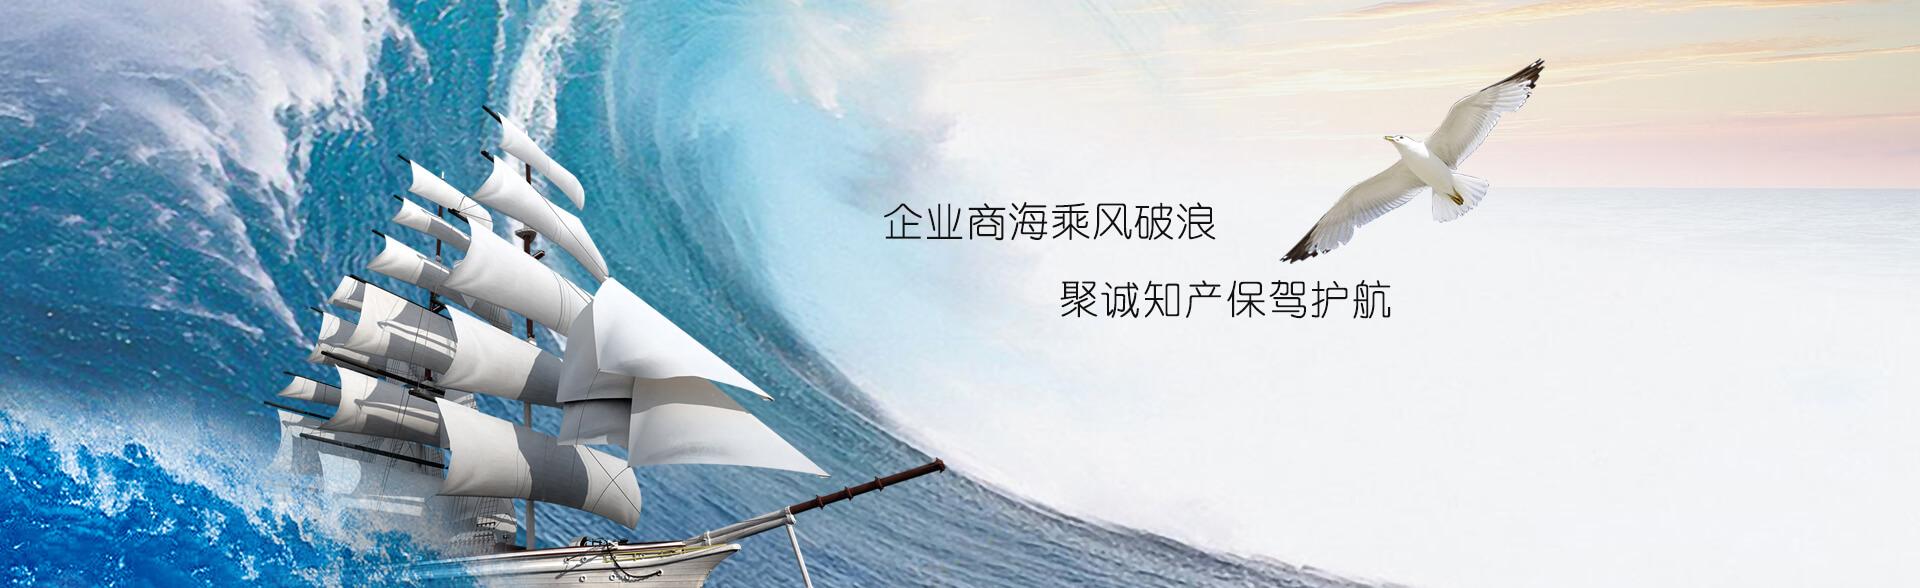 西安商标注册,西安专利申请_在线留言_第四张图片